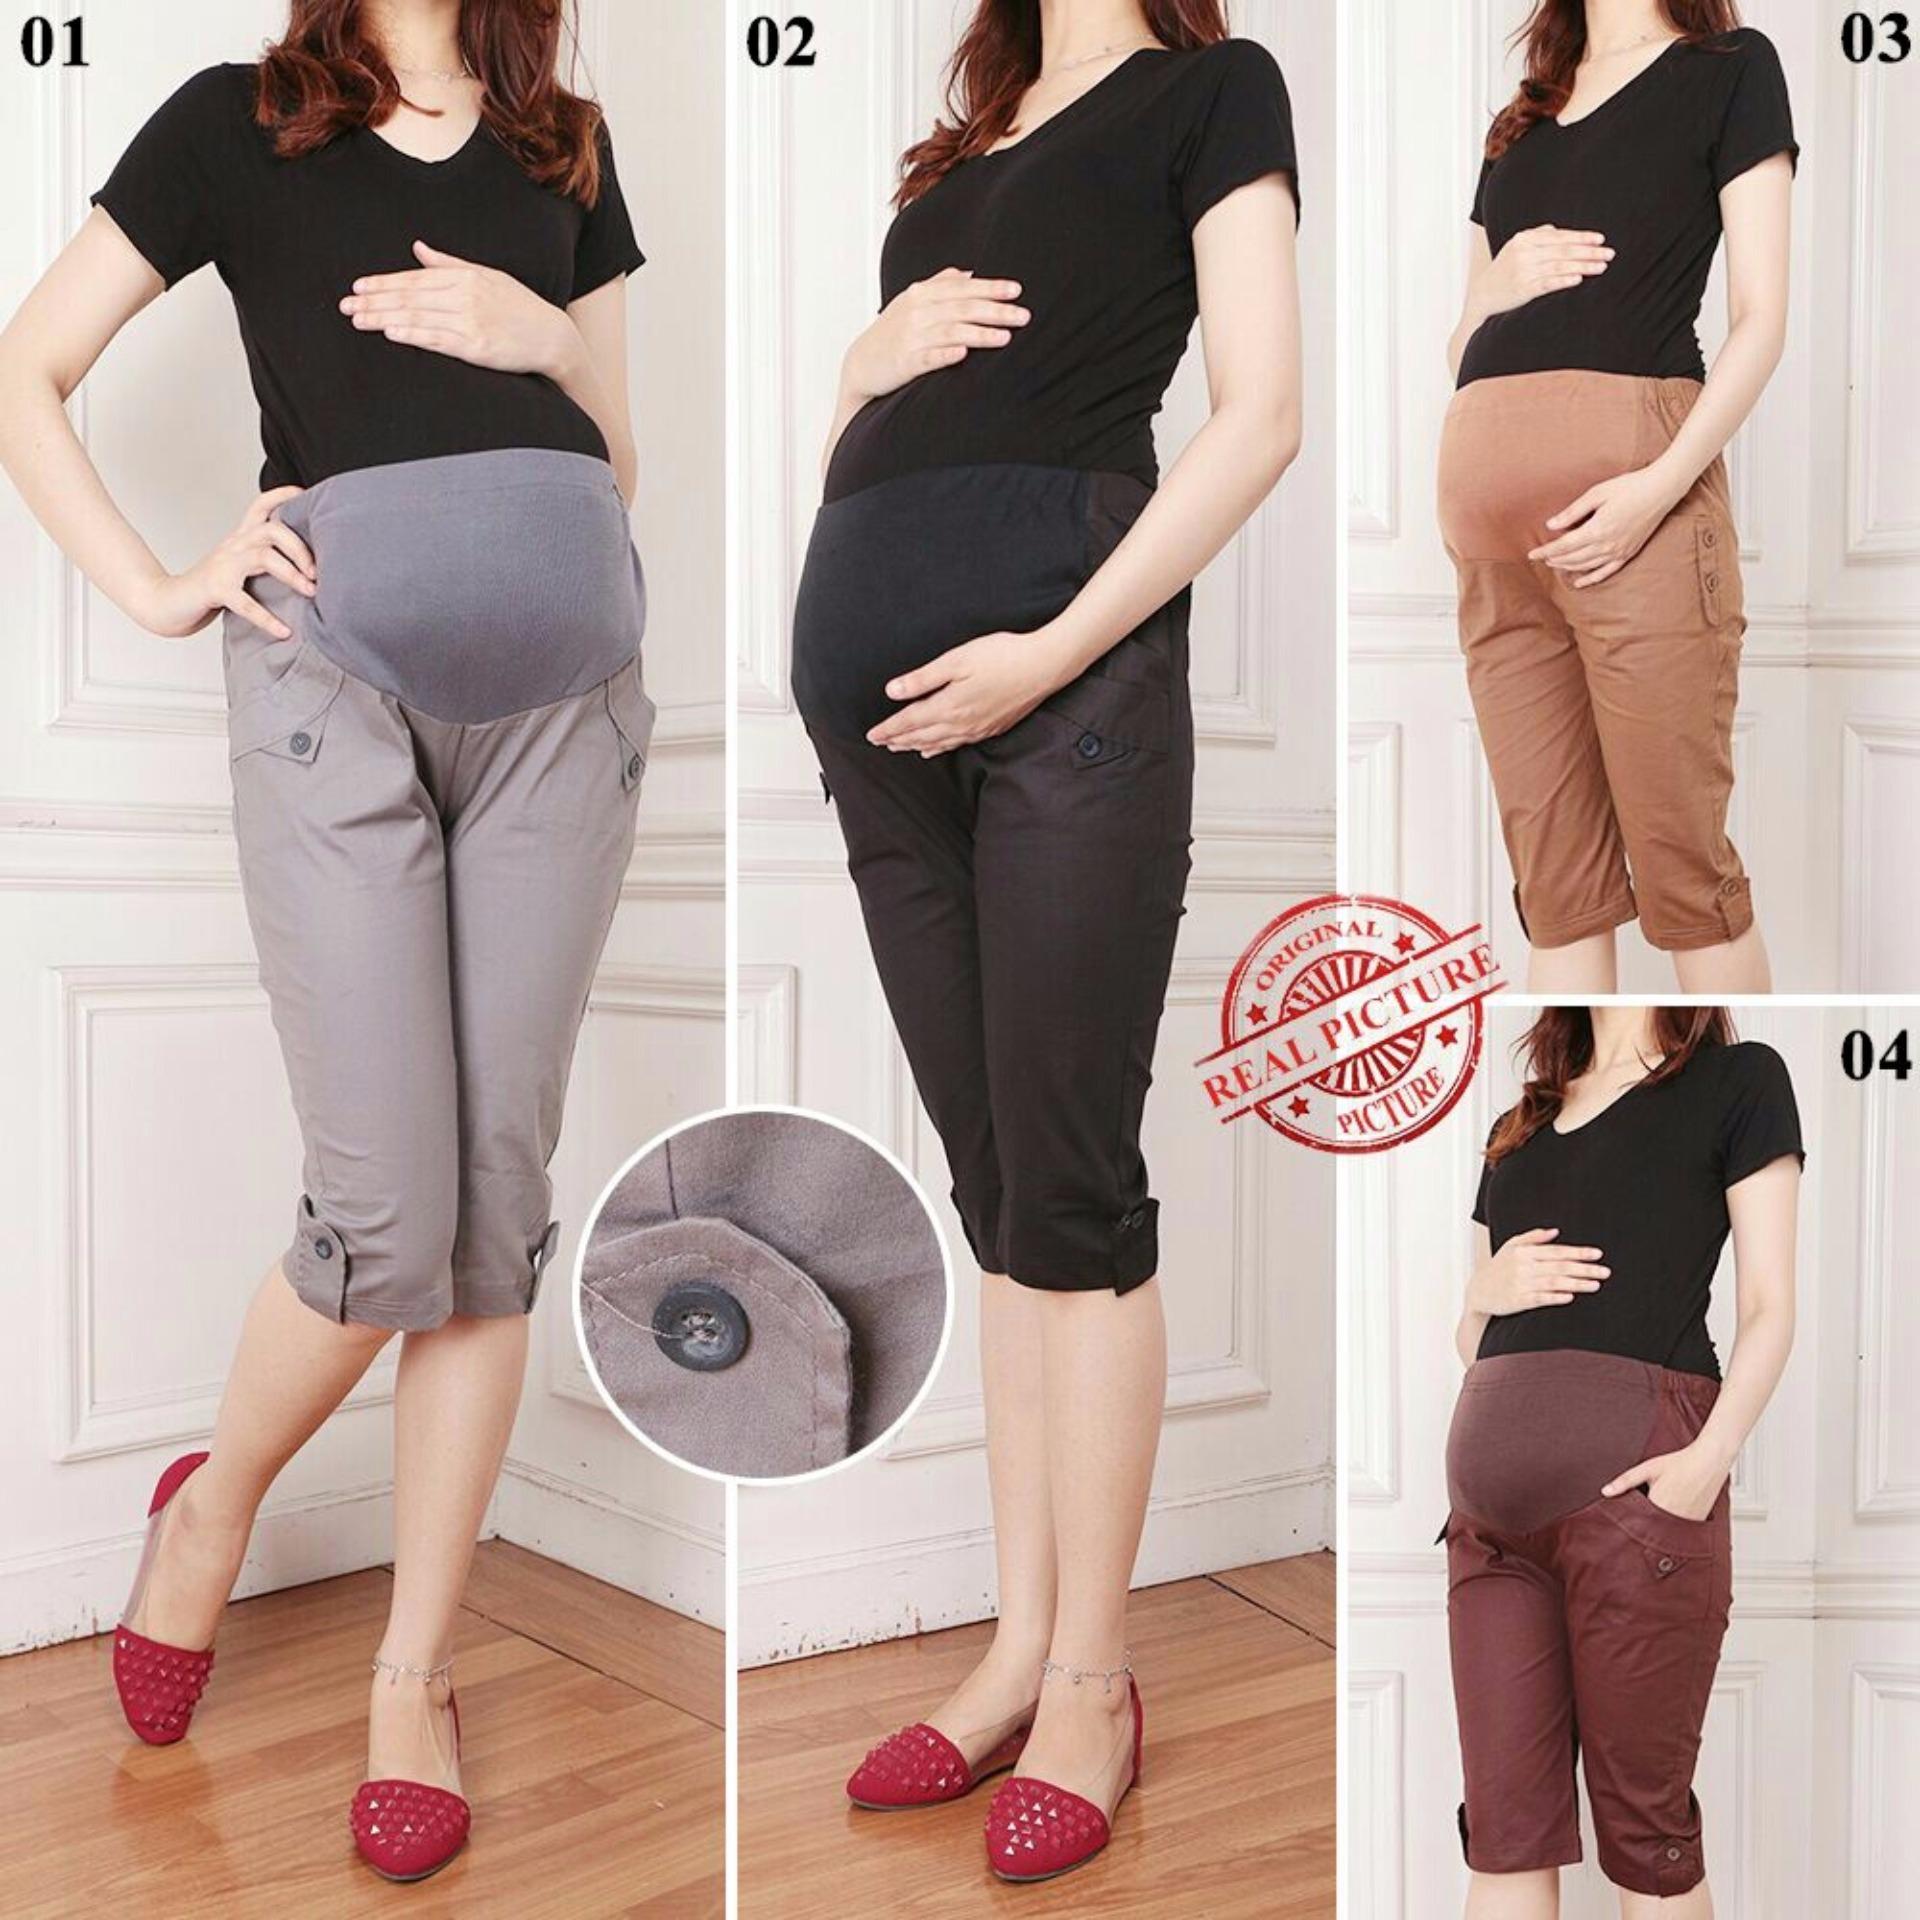 Harga Penawaran Celana Hamil Pendek 7per8 Hotpant Wanita Jumbo Short Pant Long Pantarissa 03 Capucino